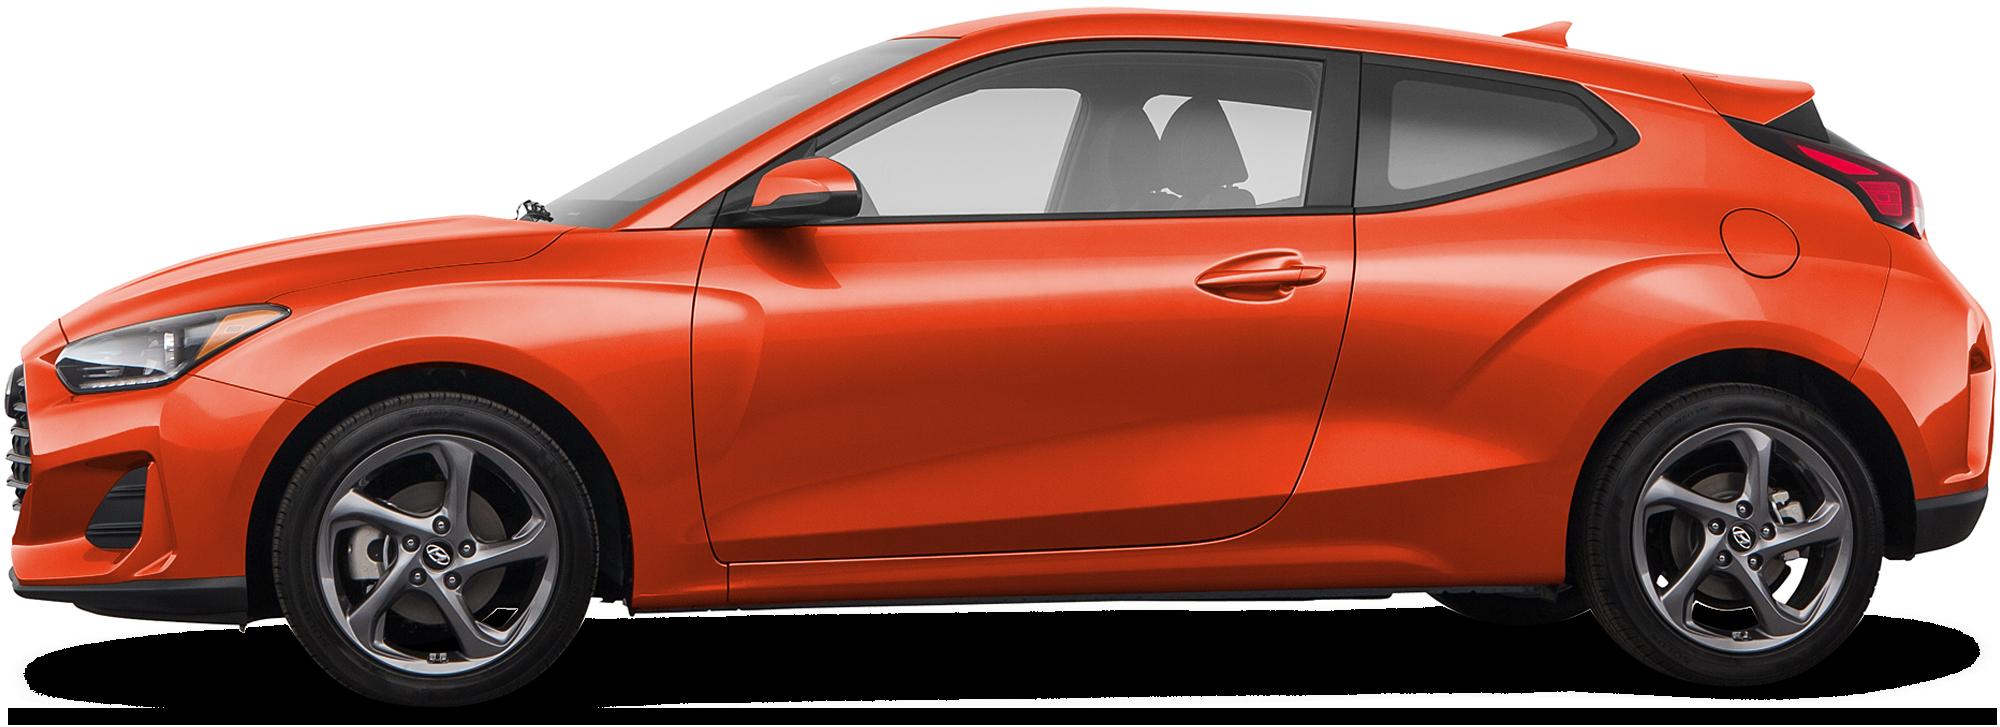 2021 Hyundai Veloster Hatchback 2.0